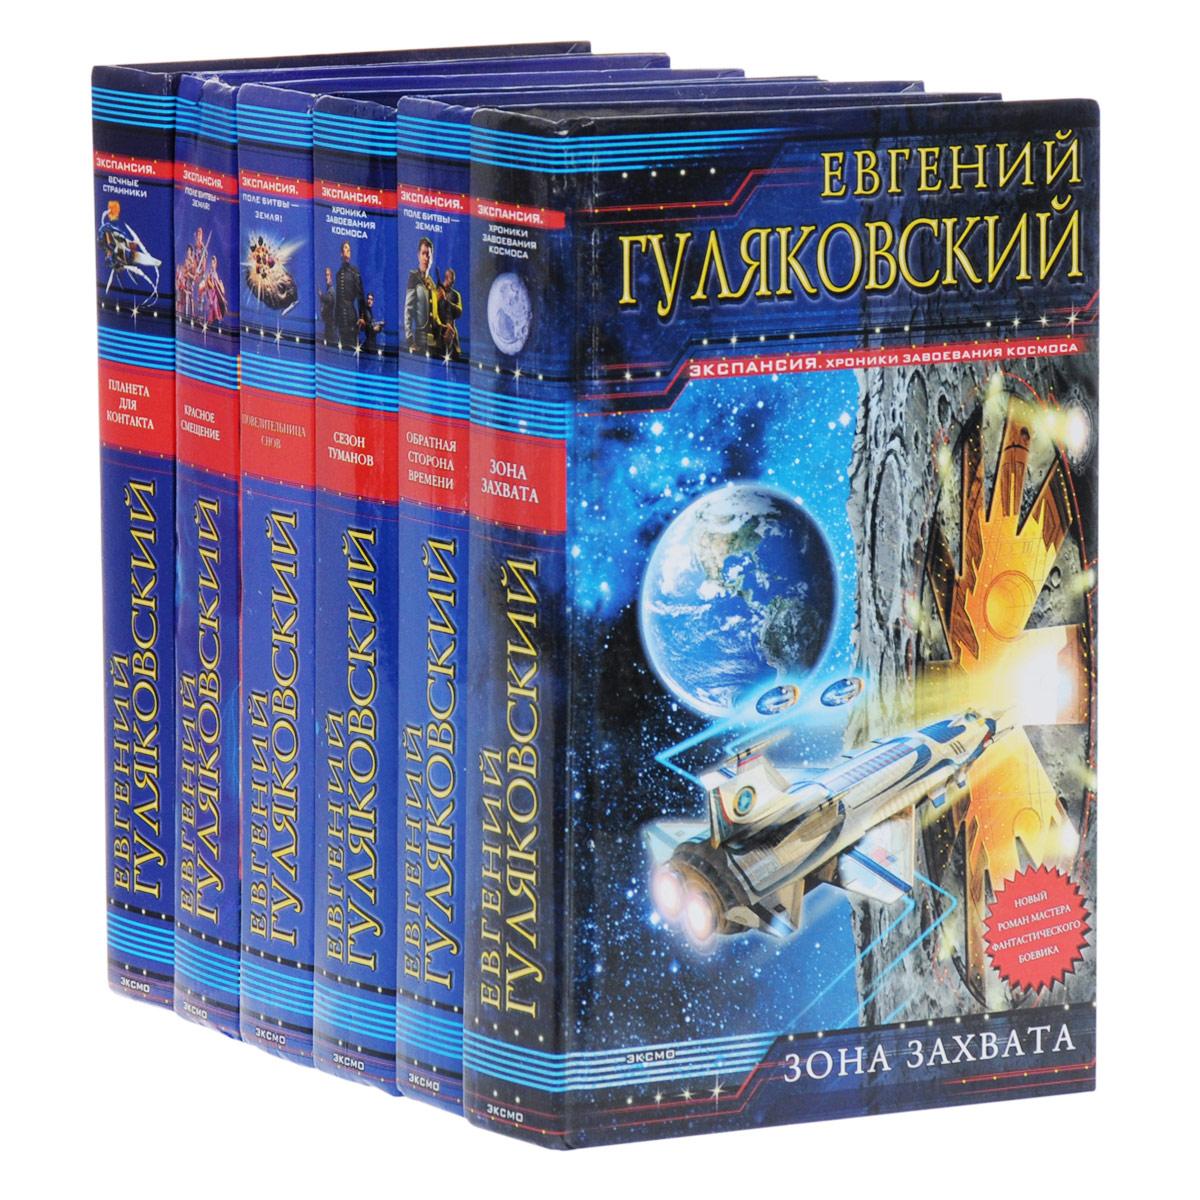 Евгений Гуляковский. Экспансия (комплект из 6 книг)